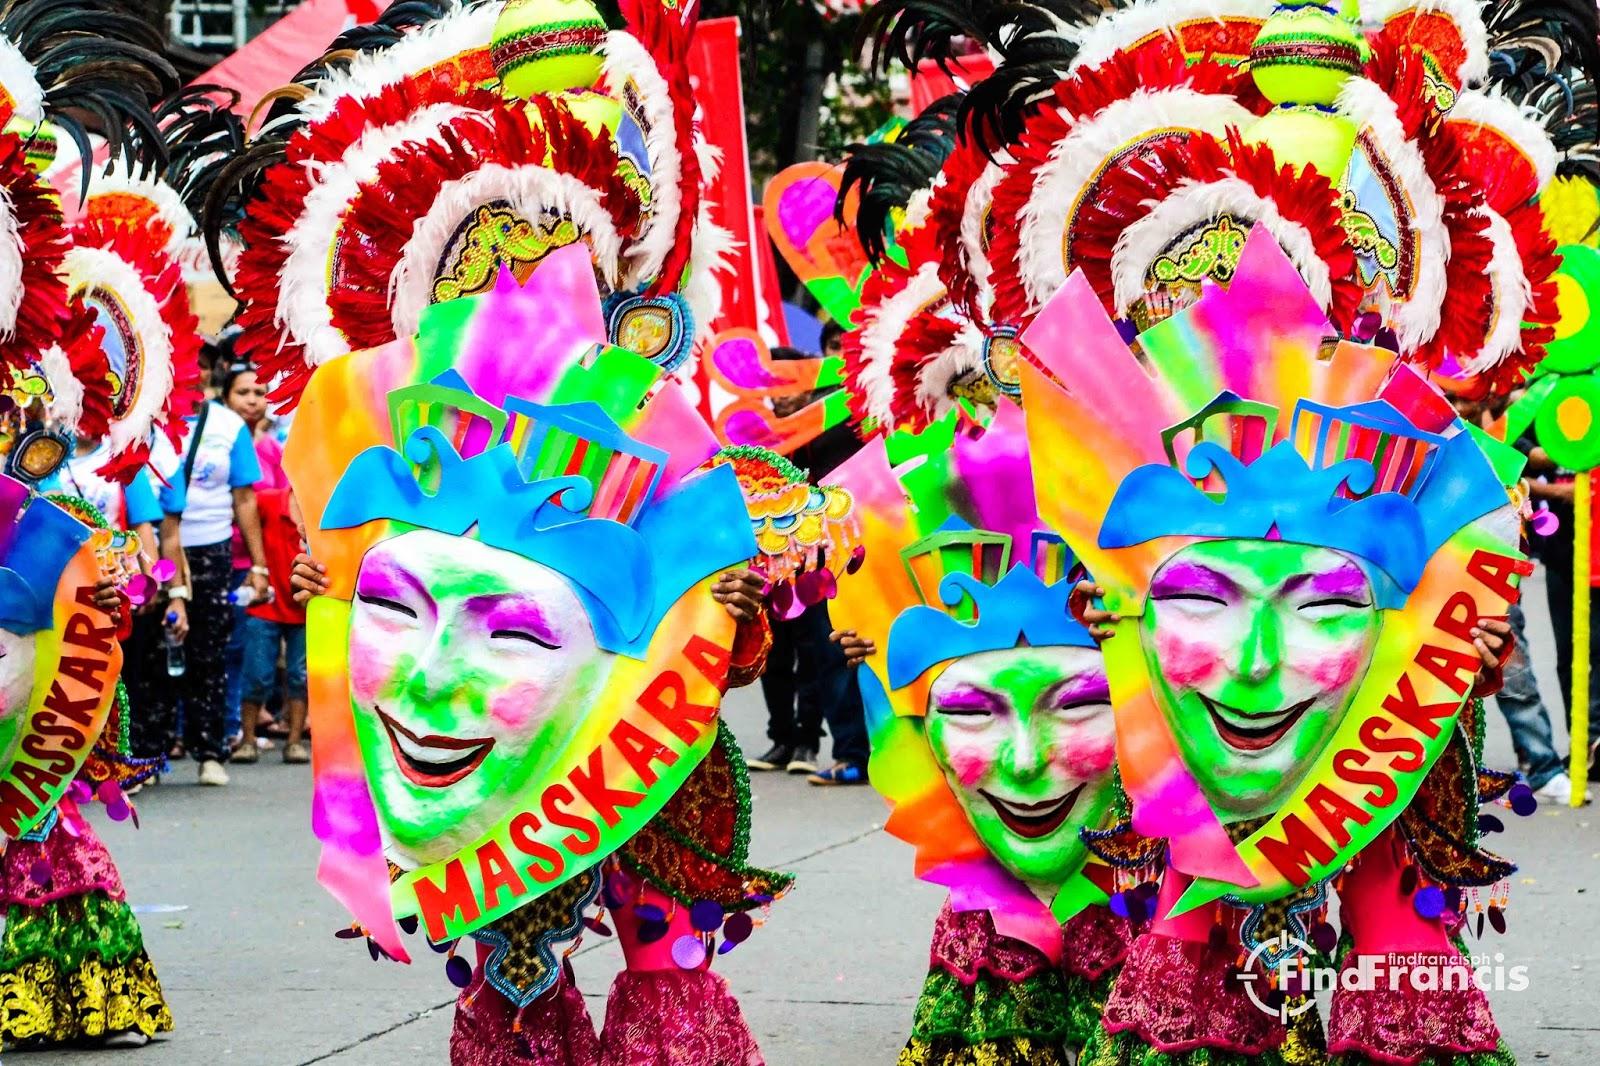 Masquerade clipart masskara festival Is MassKara just it party